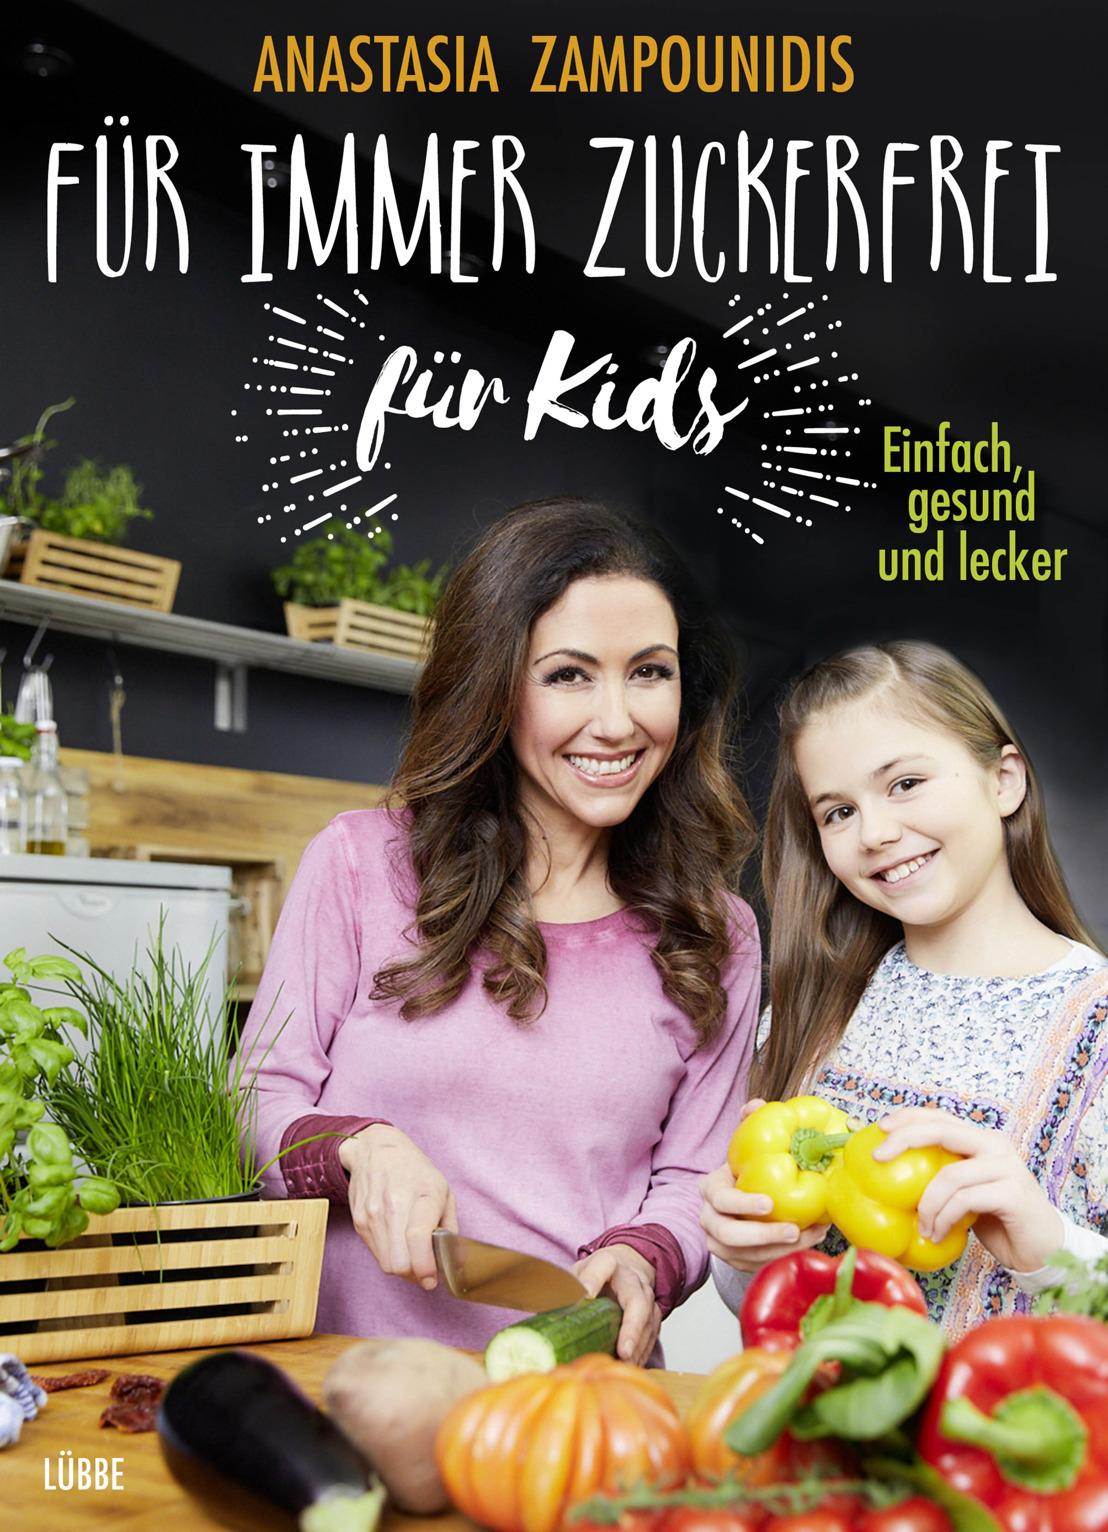 Zuckerfrei und gesund durch den Alltag: Lesung mit Anastasia Zampounidis bei Hugendubel